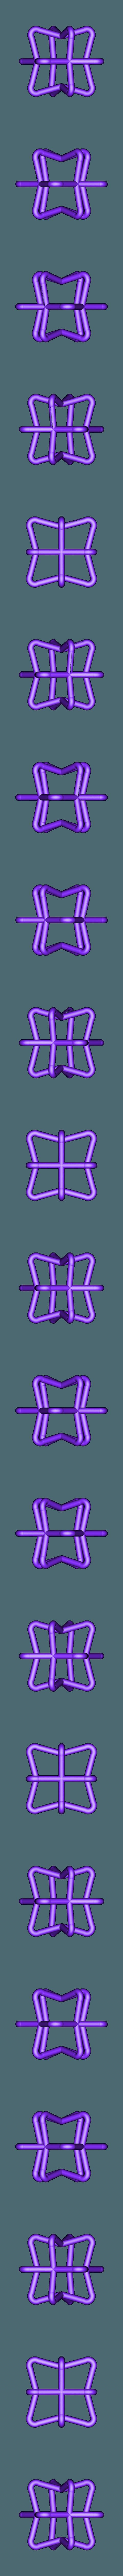 A2_8.stl Télécharger fichier STL gratuit Cellules de l'unité auxiliaire • Objet imprimable en 3D, sjpiper145